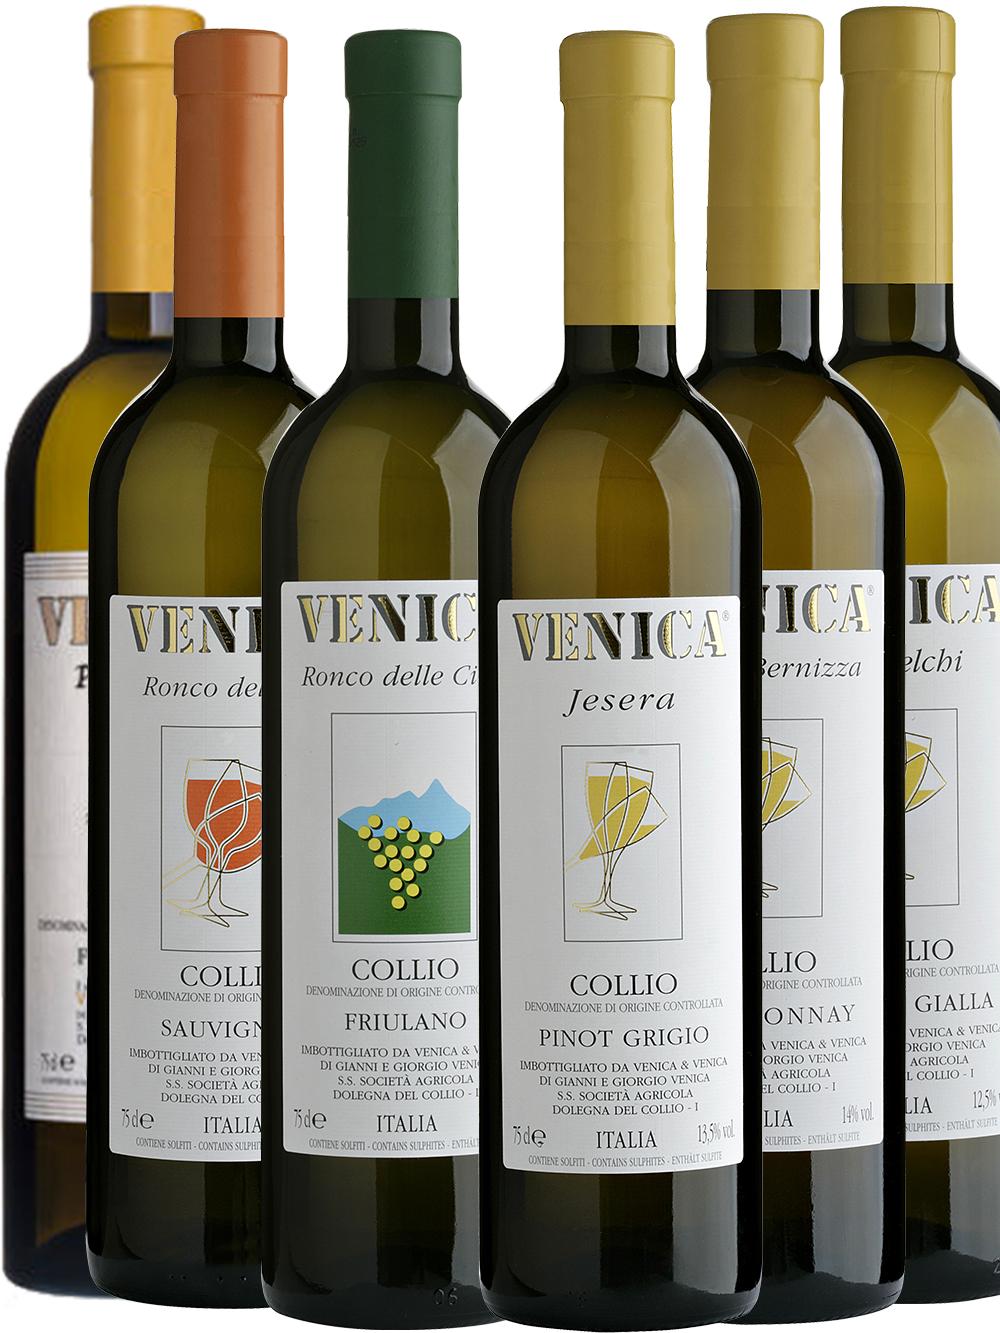 Ontdek de wijnen van Venica & Venica